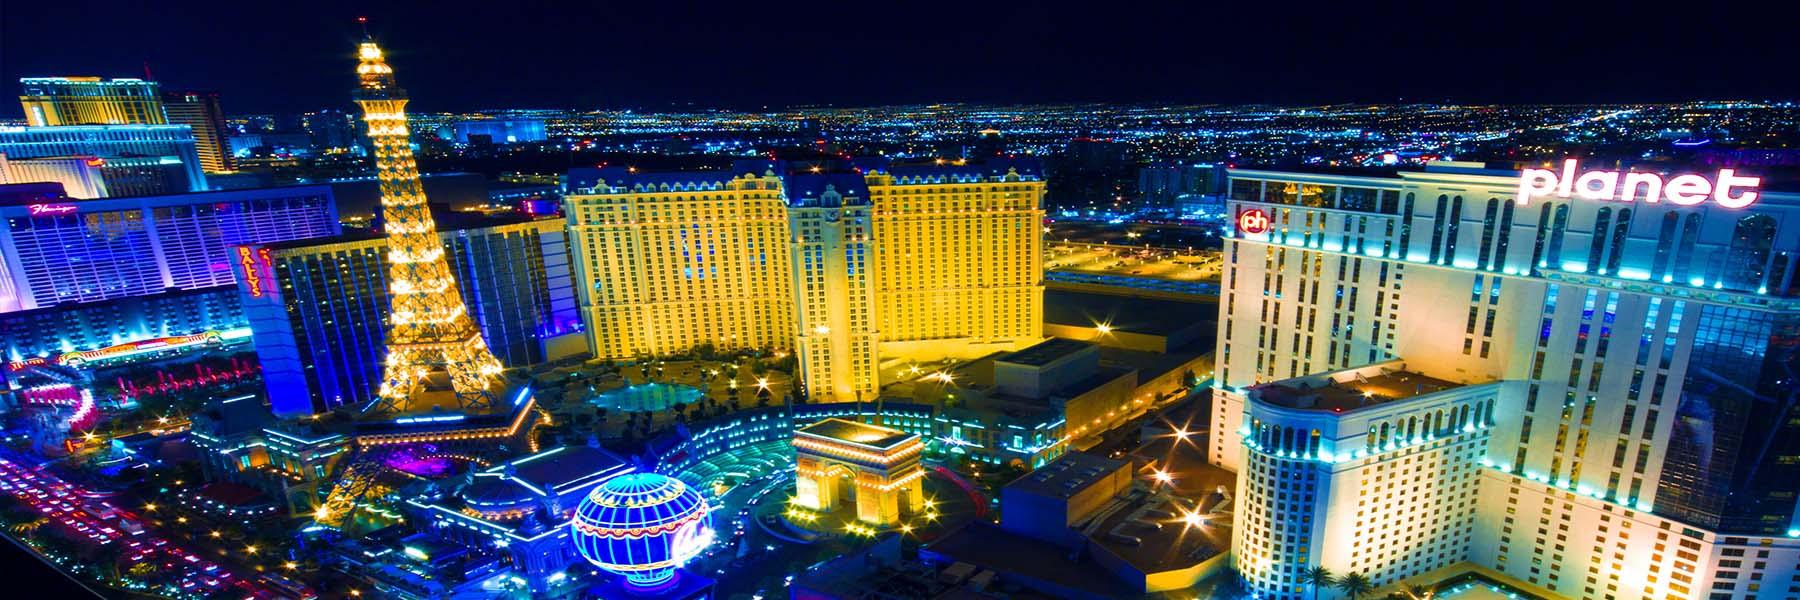 Jeux casino : une fausse idée du casino